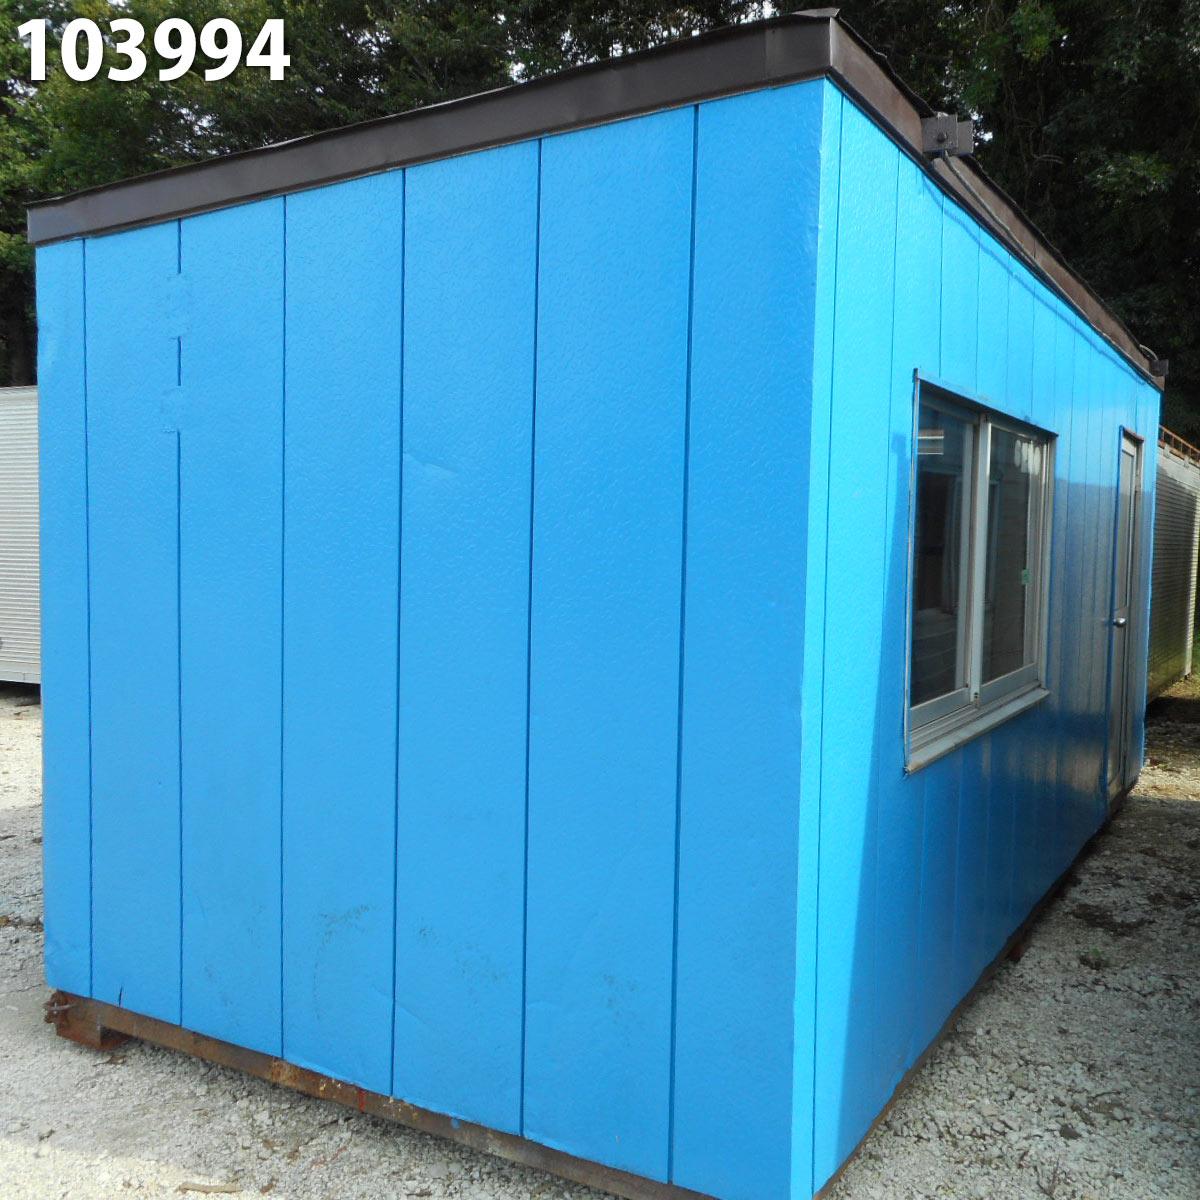 【103994】【中古】「格安現状販売」5.4mユニットハウス・プレハブ・物置・倉庫